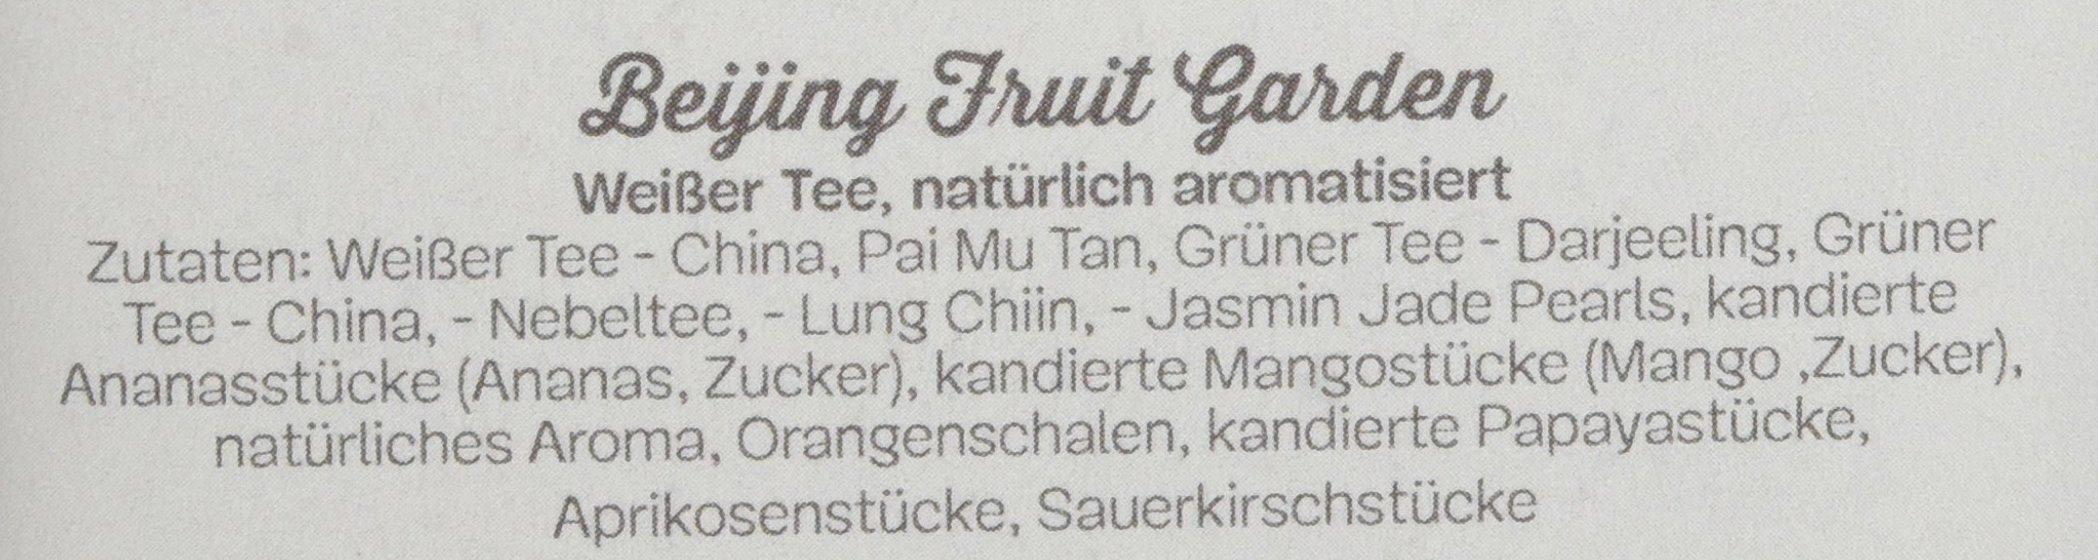 Pi-Tea-Beijing-Fruit-Garden-Dose-Weier-Tee-Teestation-natrlich-und-vegan-2er-Pack-2-x-75-g